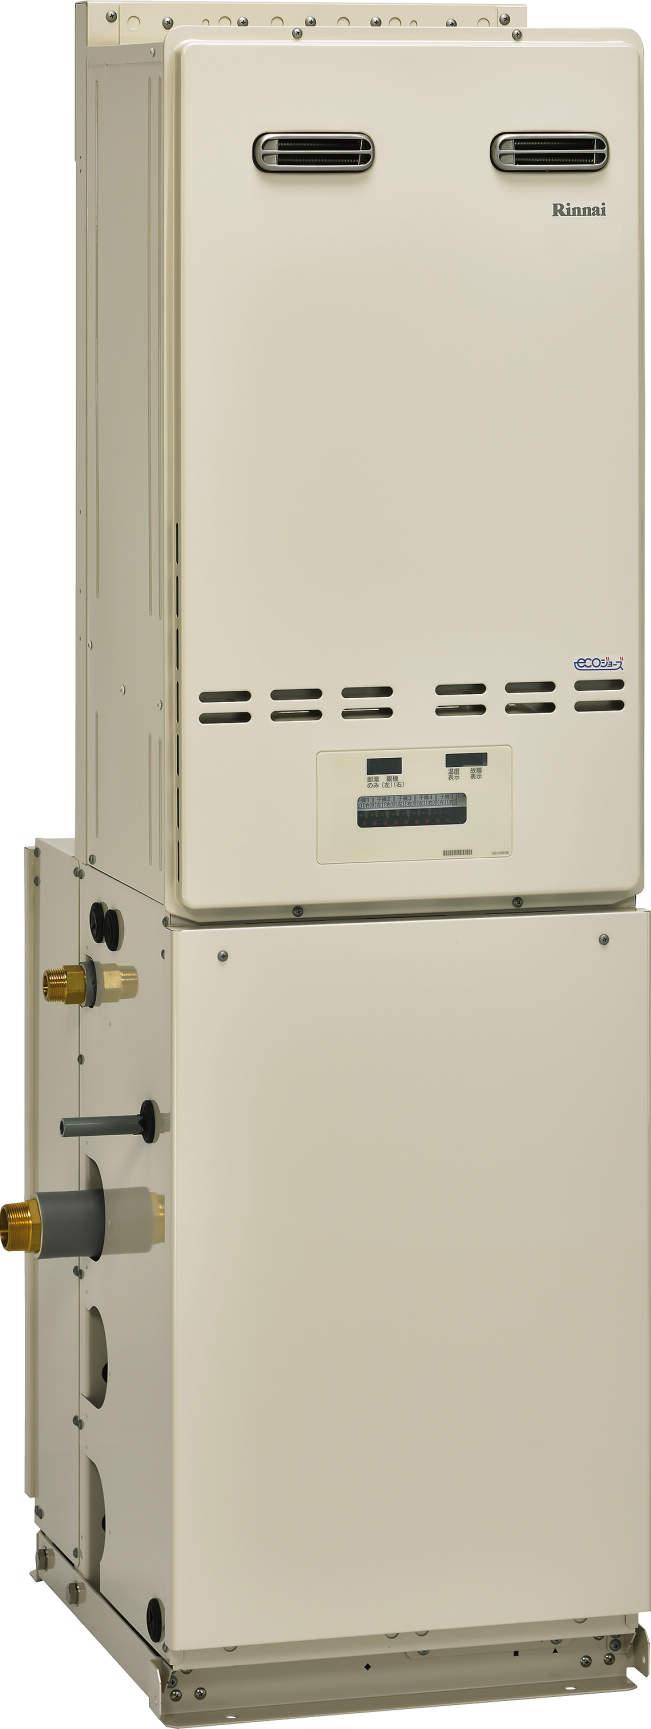 【最安値挑戦中!最大23倍】ガス給湯器 リンナイ RUXC-SE5000MQW 業務用タイプ エコジョーズ DECA-QV 50号 給湯専用 即出湯システム 屋外壁掛型 25A [■]